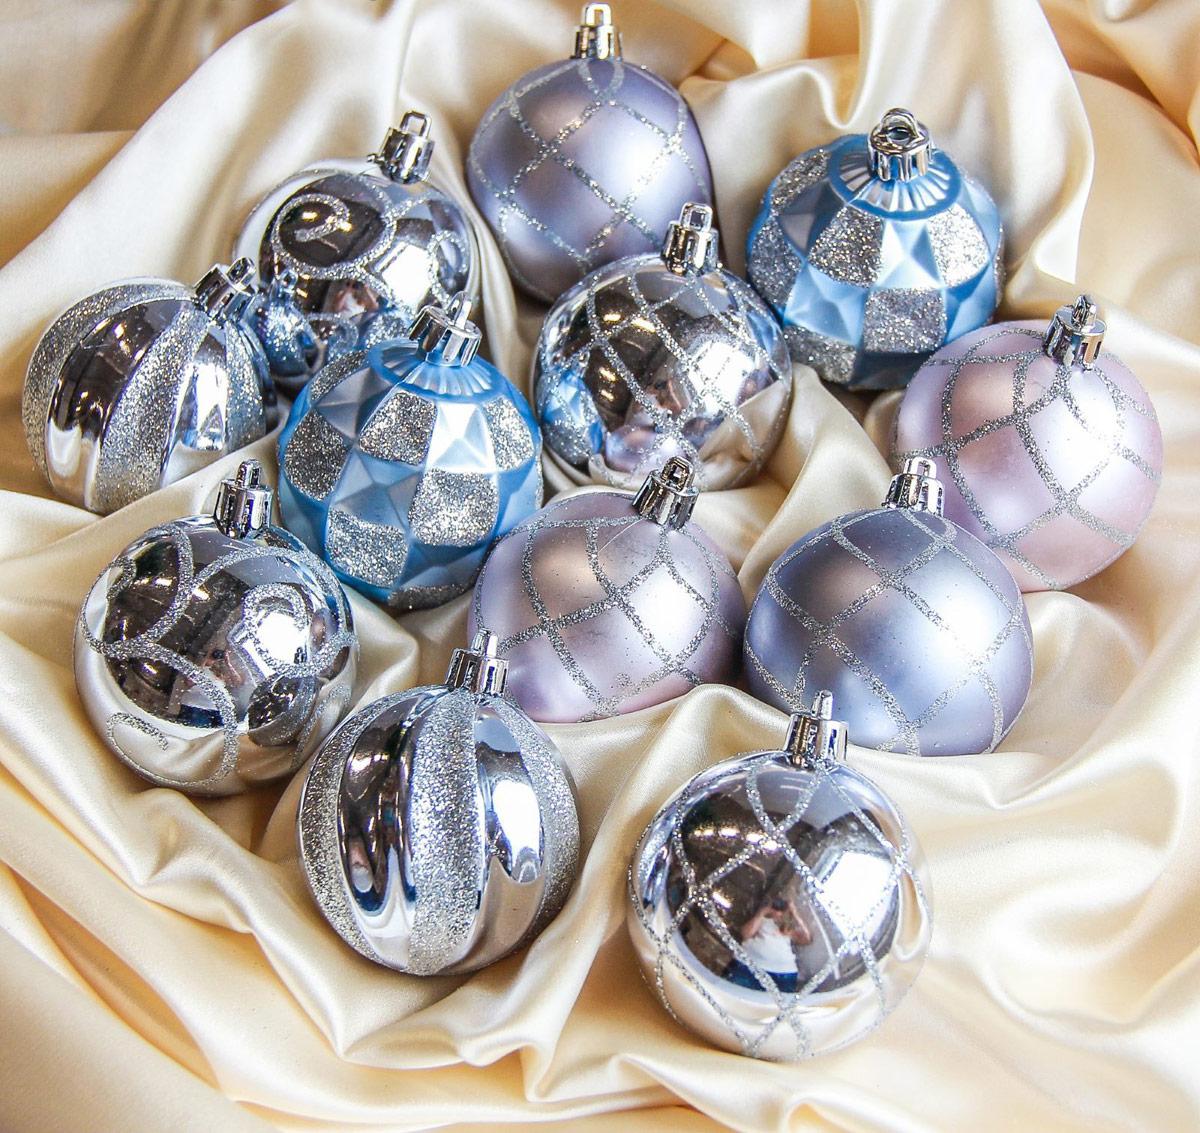 Набор новогодних подвесных украшений Sima-land Ассорти узорное, диаметр 6 см, 12 шт2187033